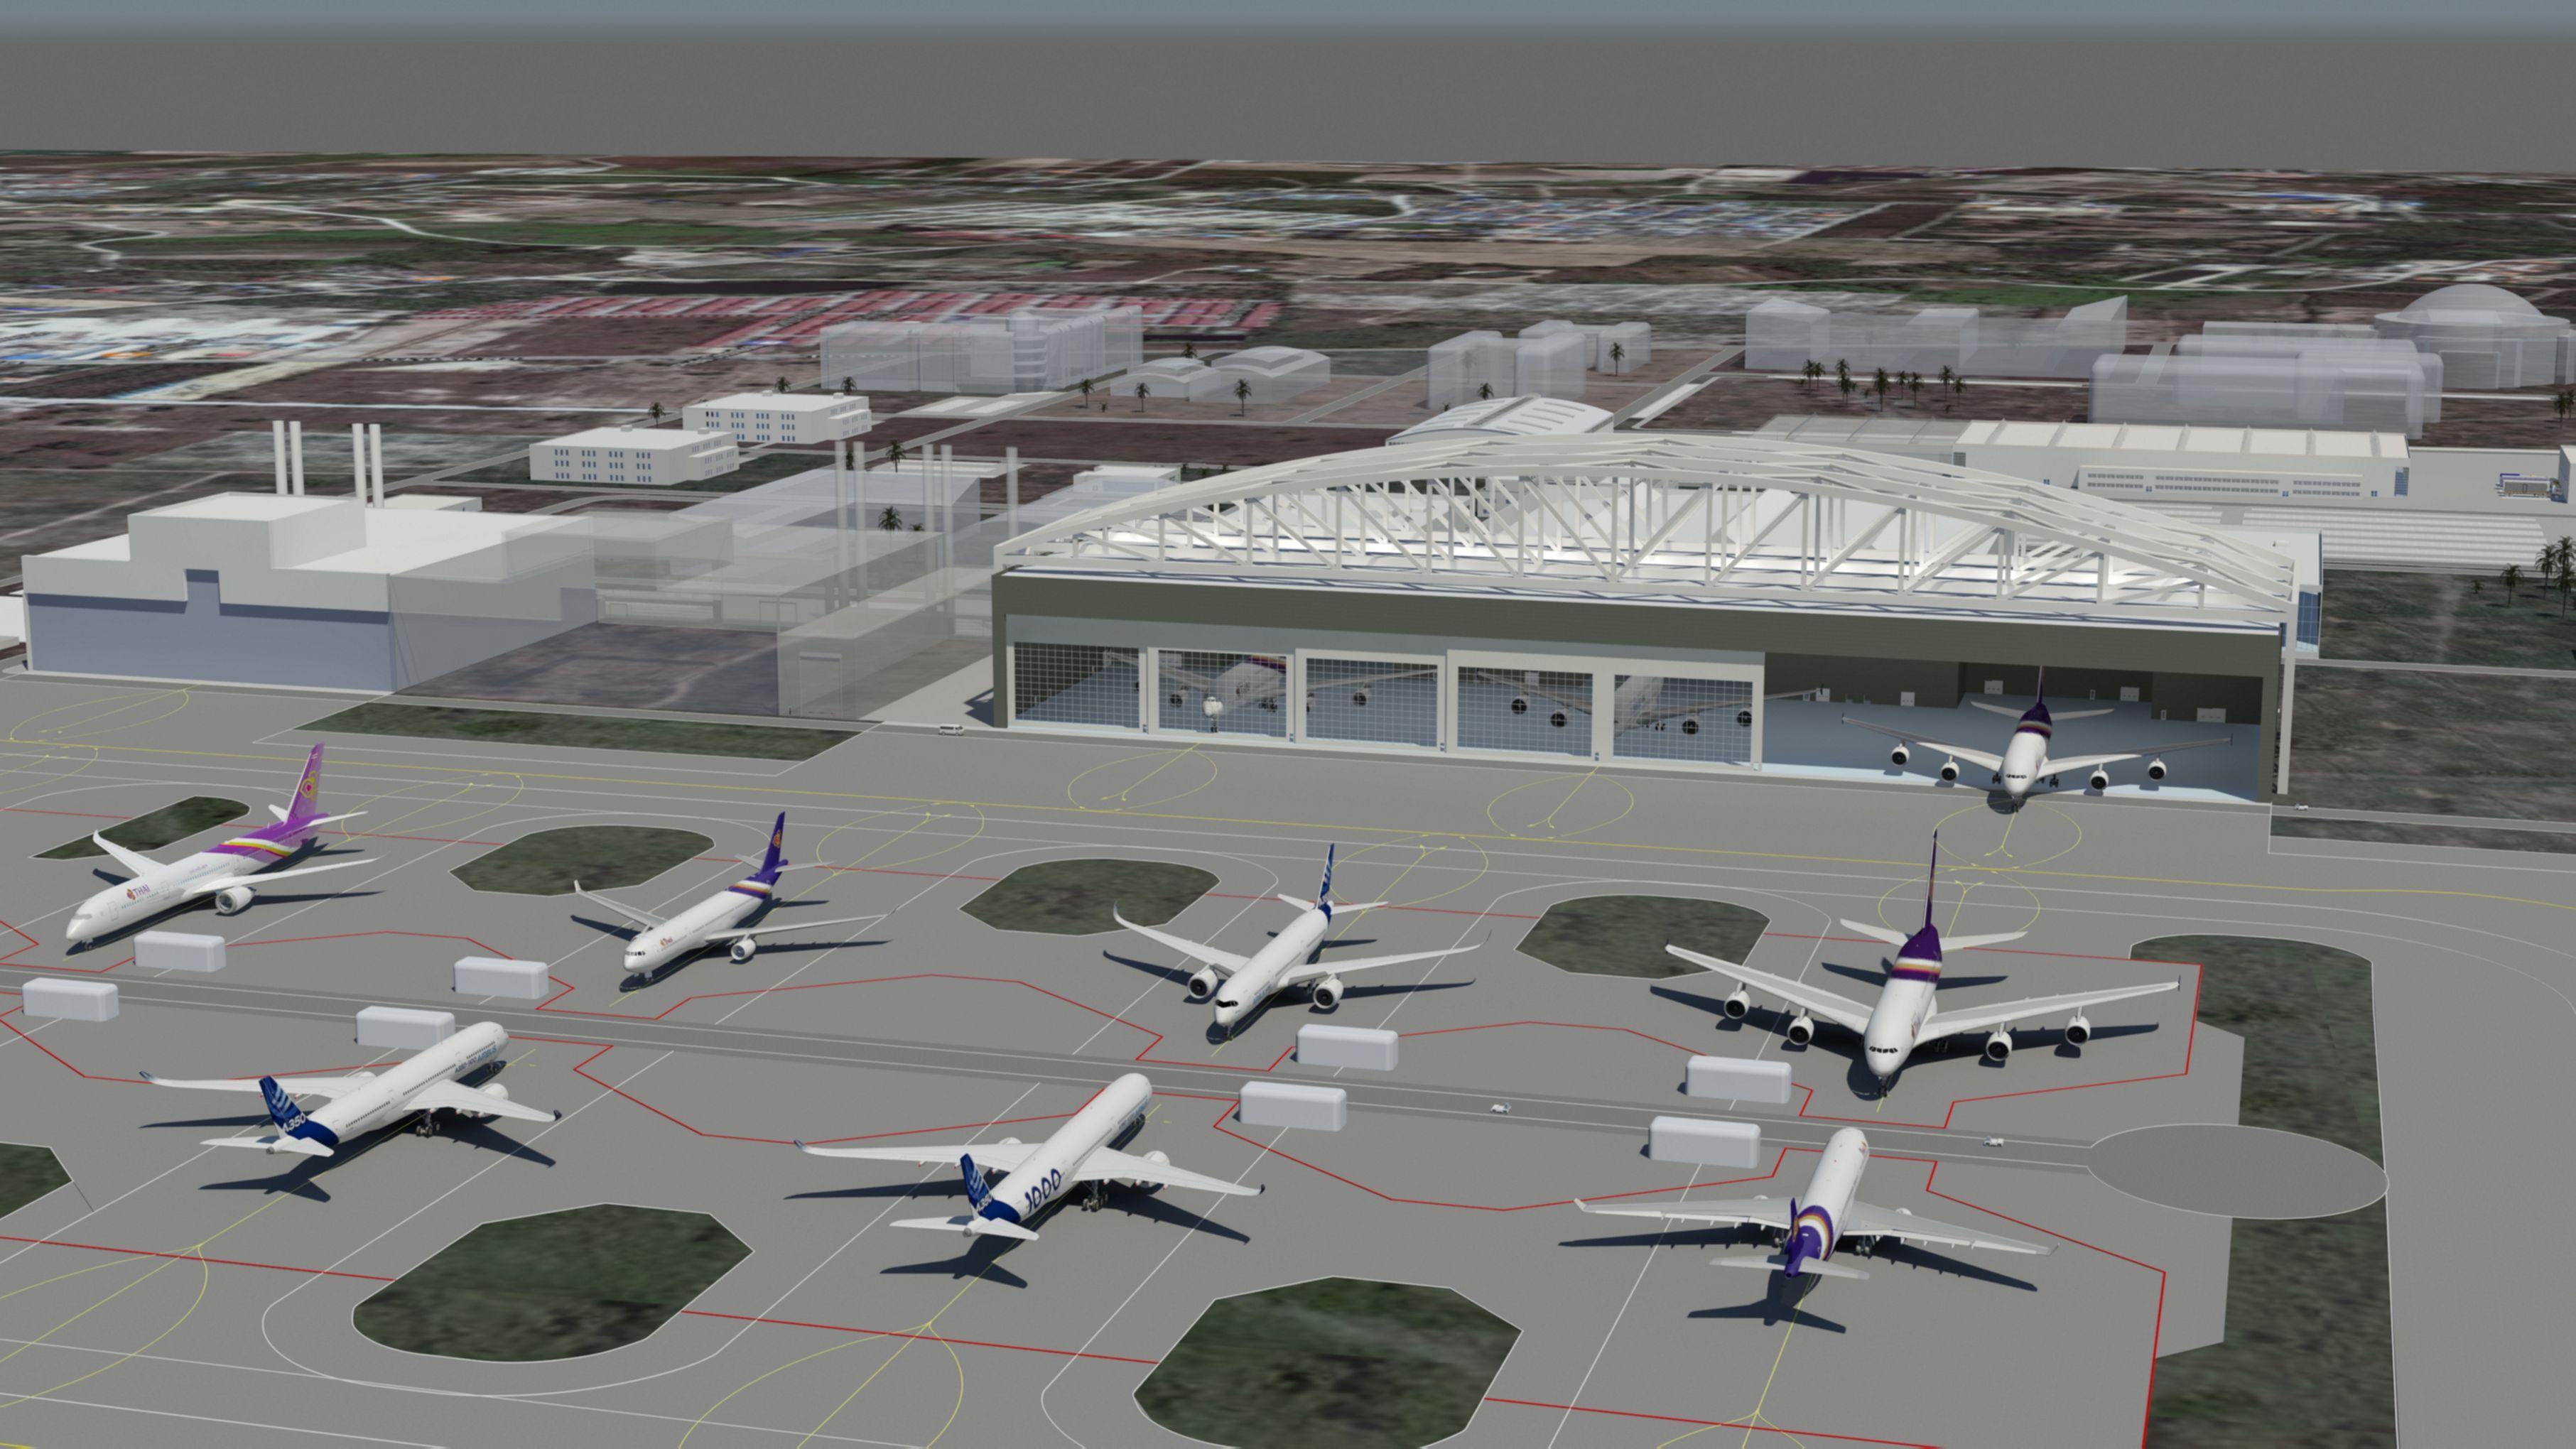 Thai Airways đứng trước bờ vực trở thành hãng không quốc gia phá sản đầu tiên trên thế giới - Ảnh 5.